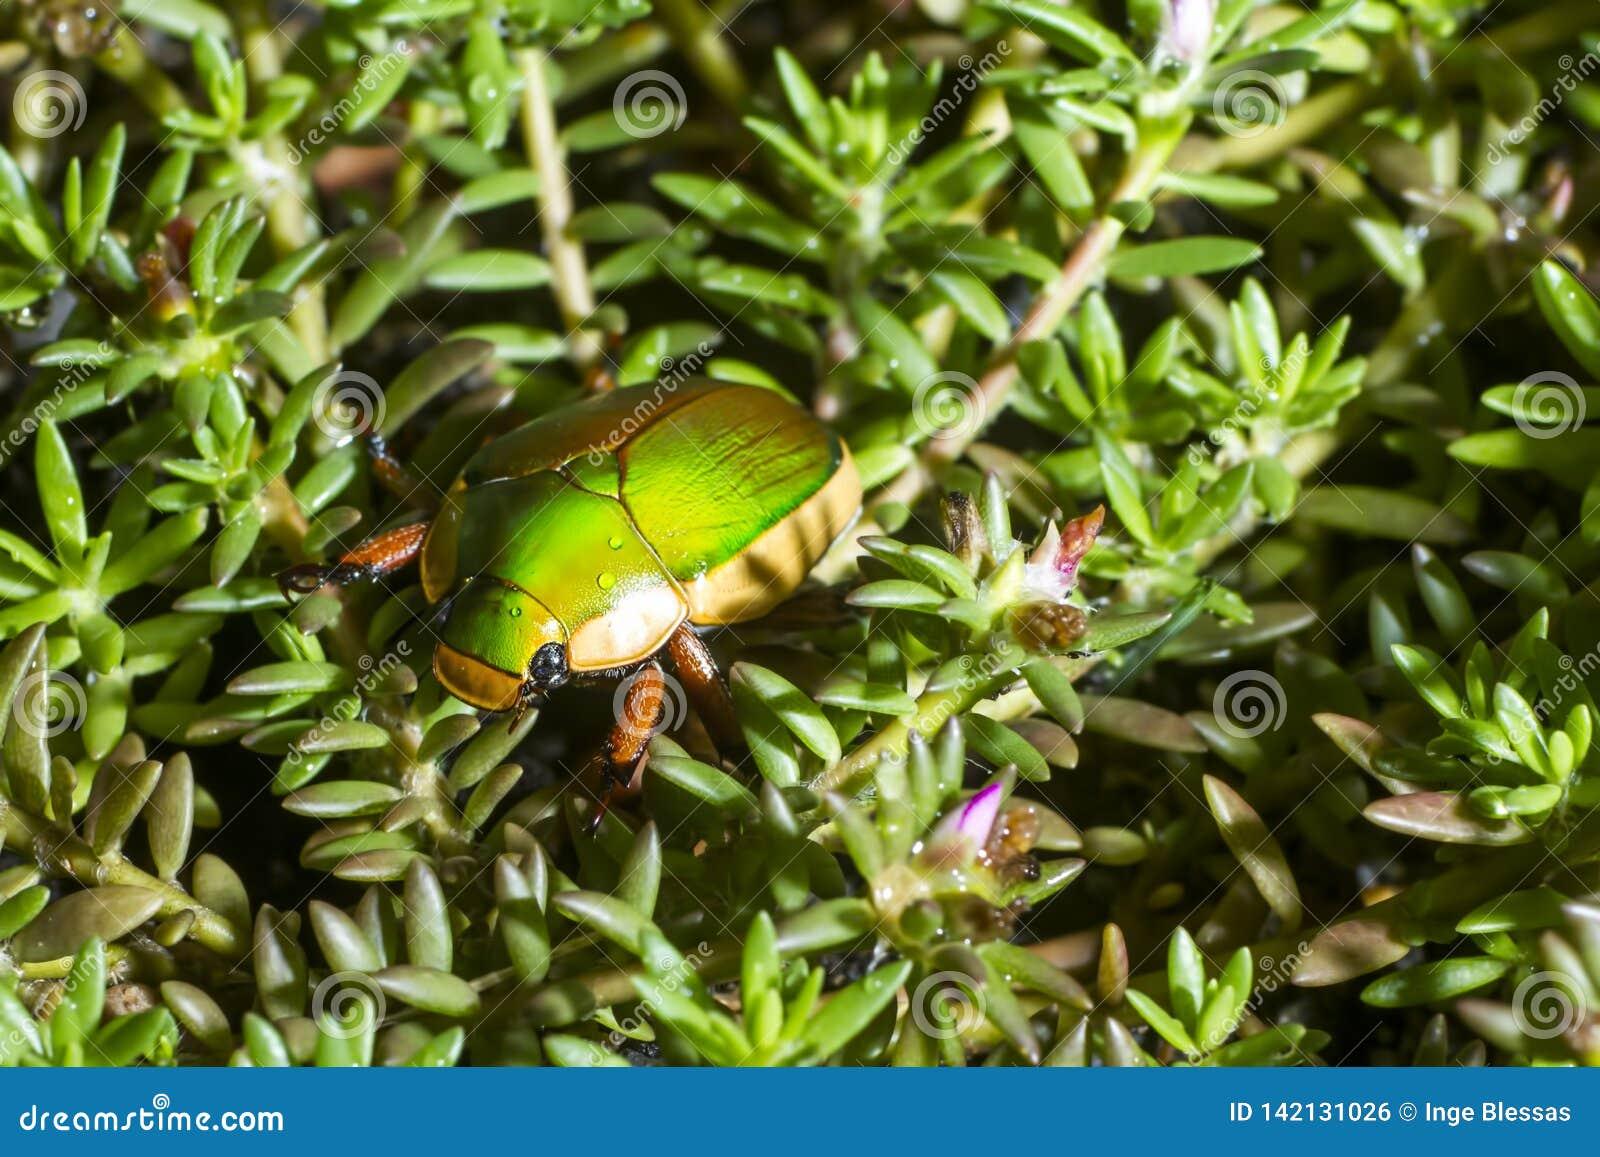 Christmas Beetle.Australian Green Christmas Beetle Stock Photo Image Of